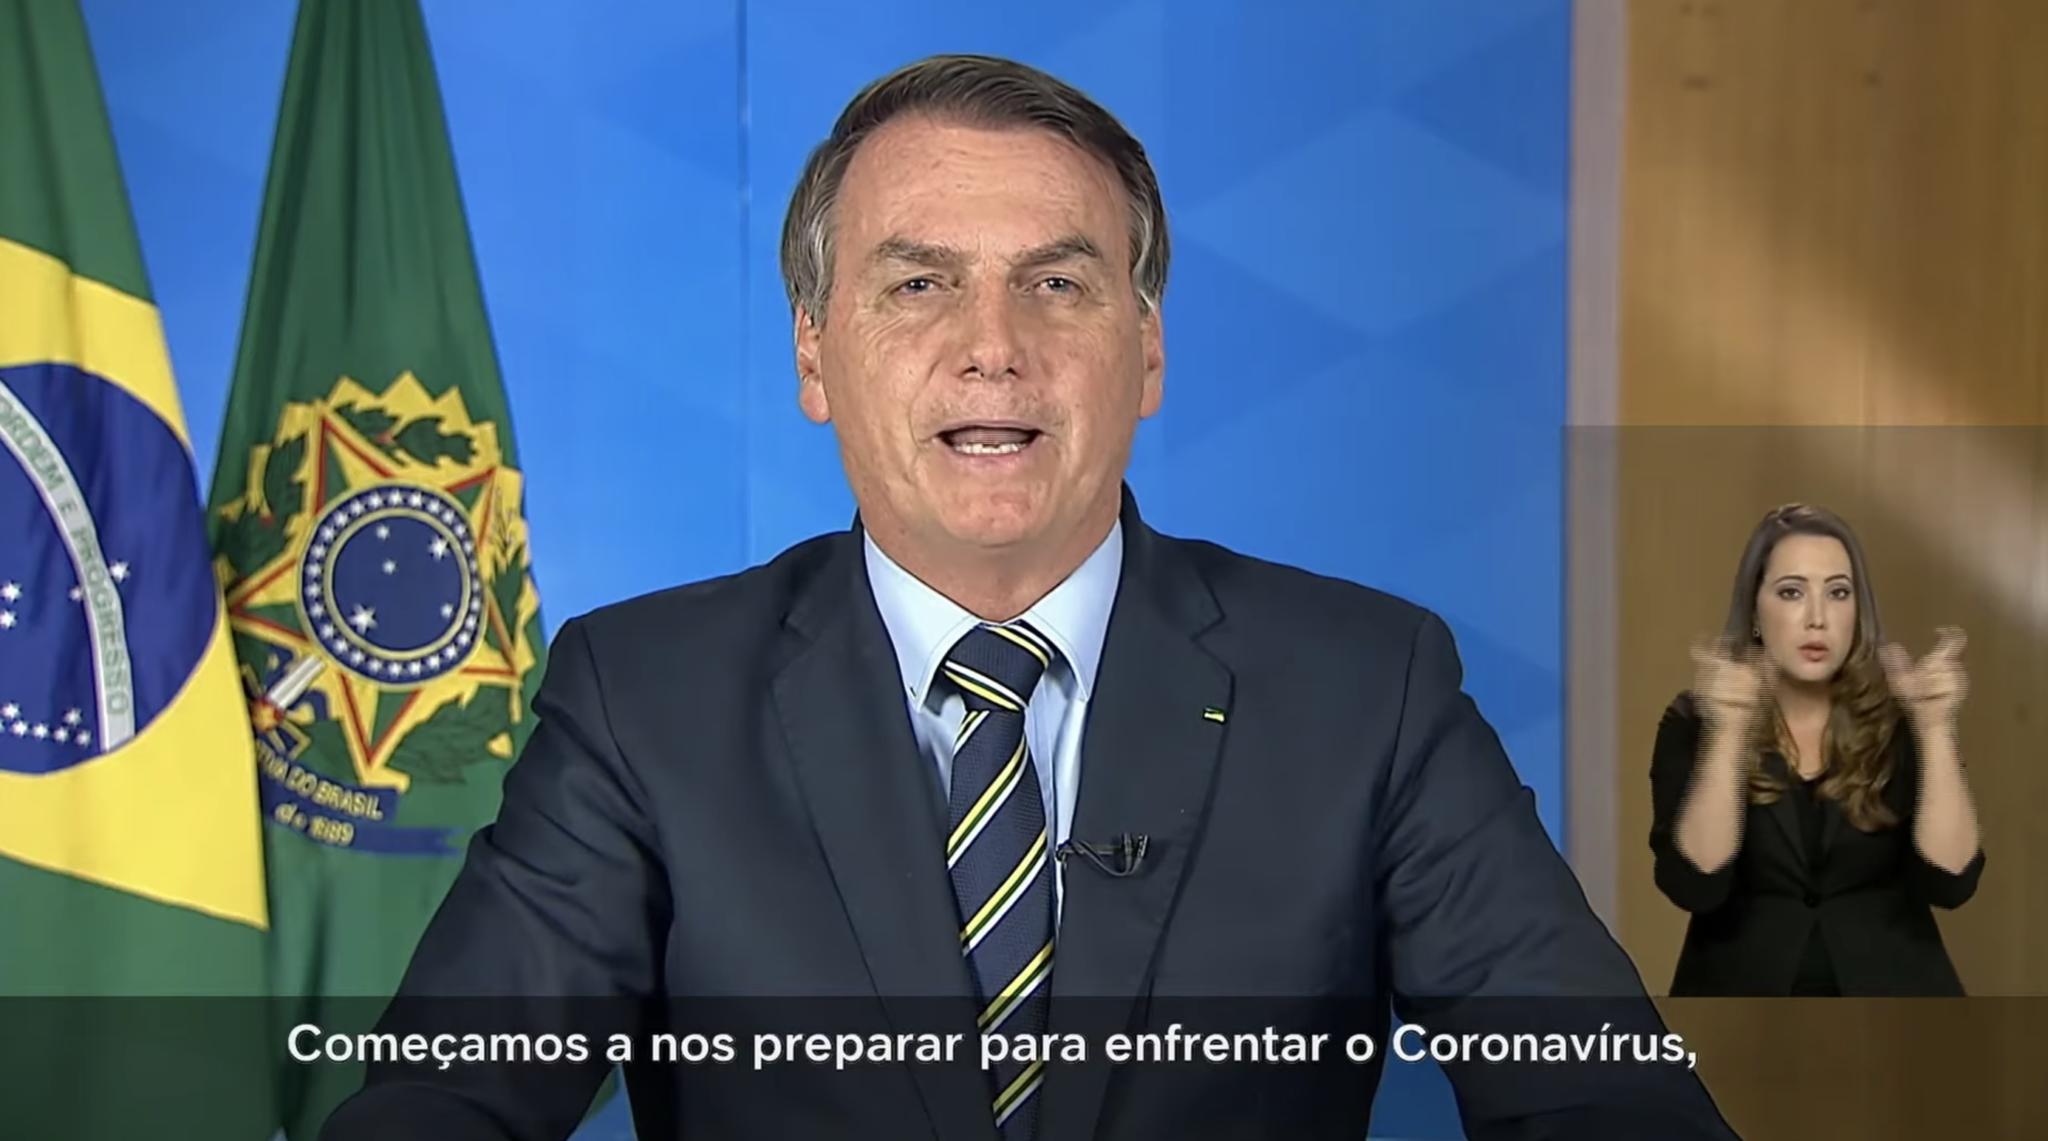 bolsonaro address coronavirus